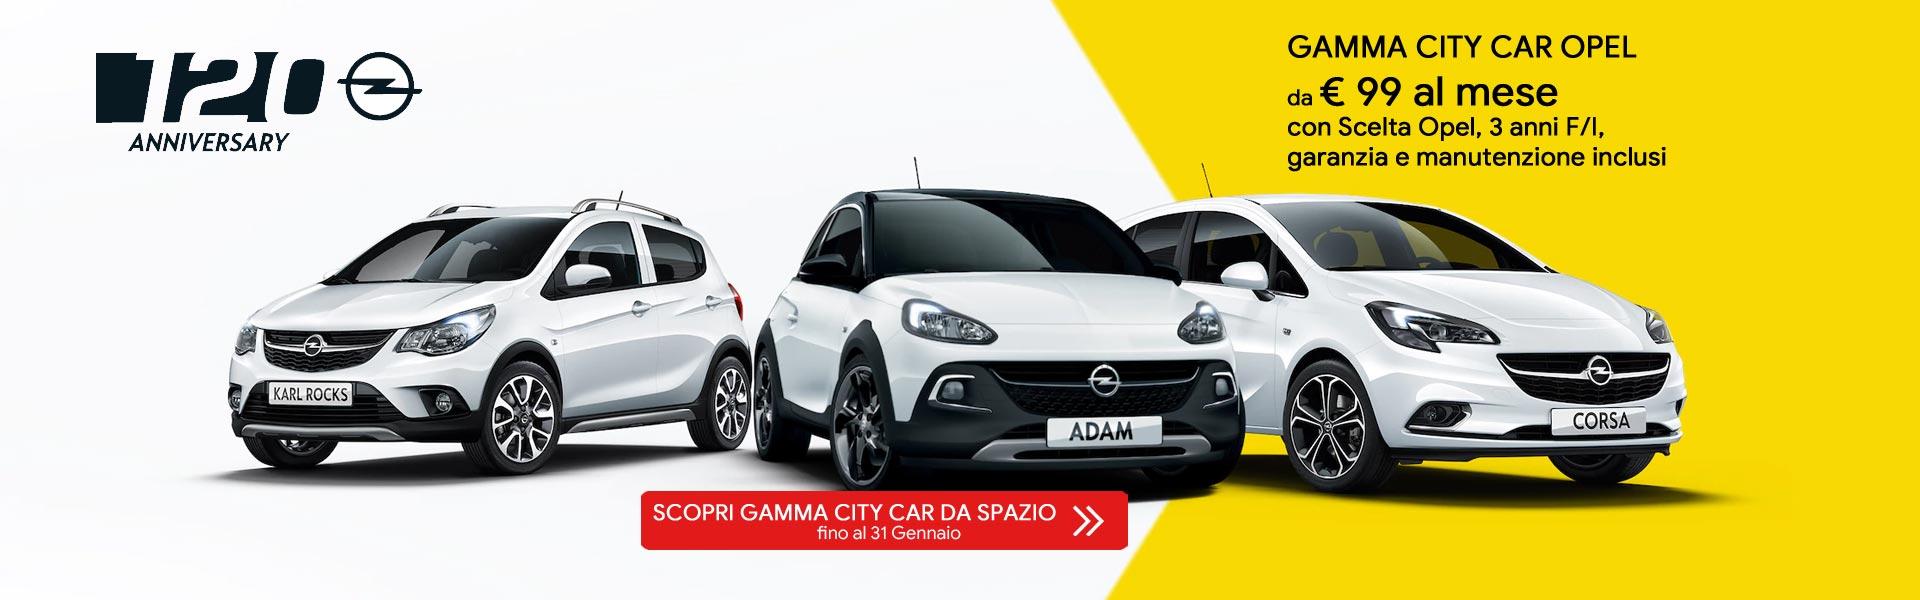 Gamma City Car Opel